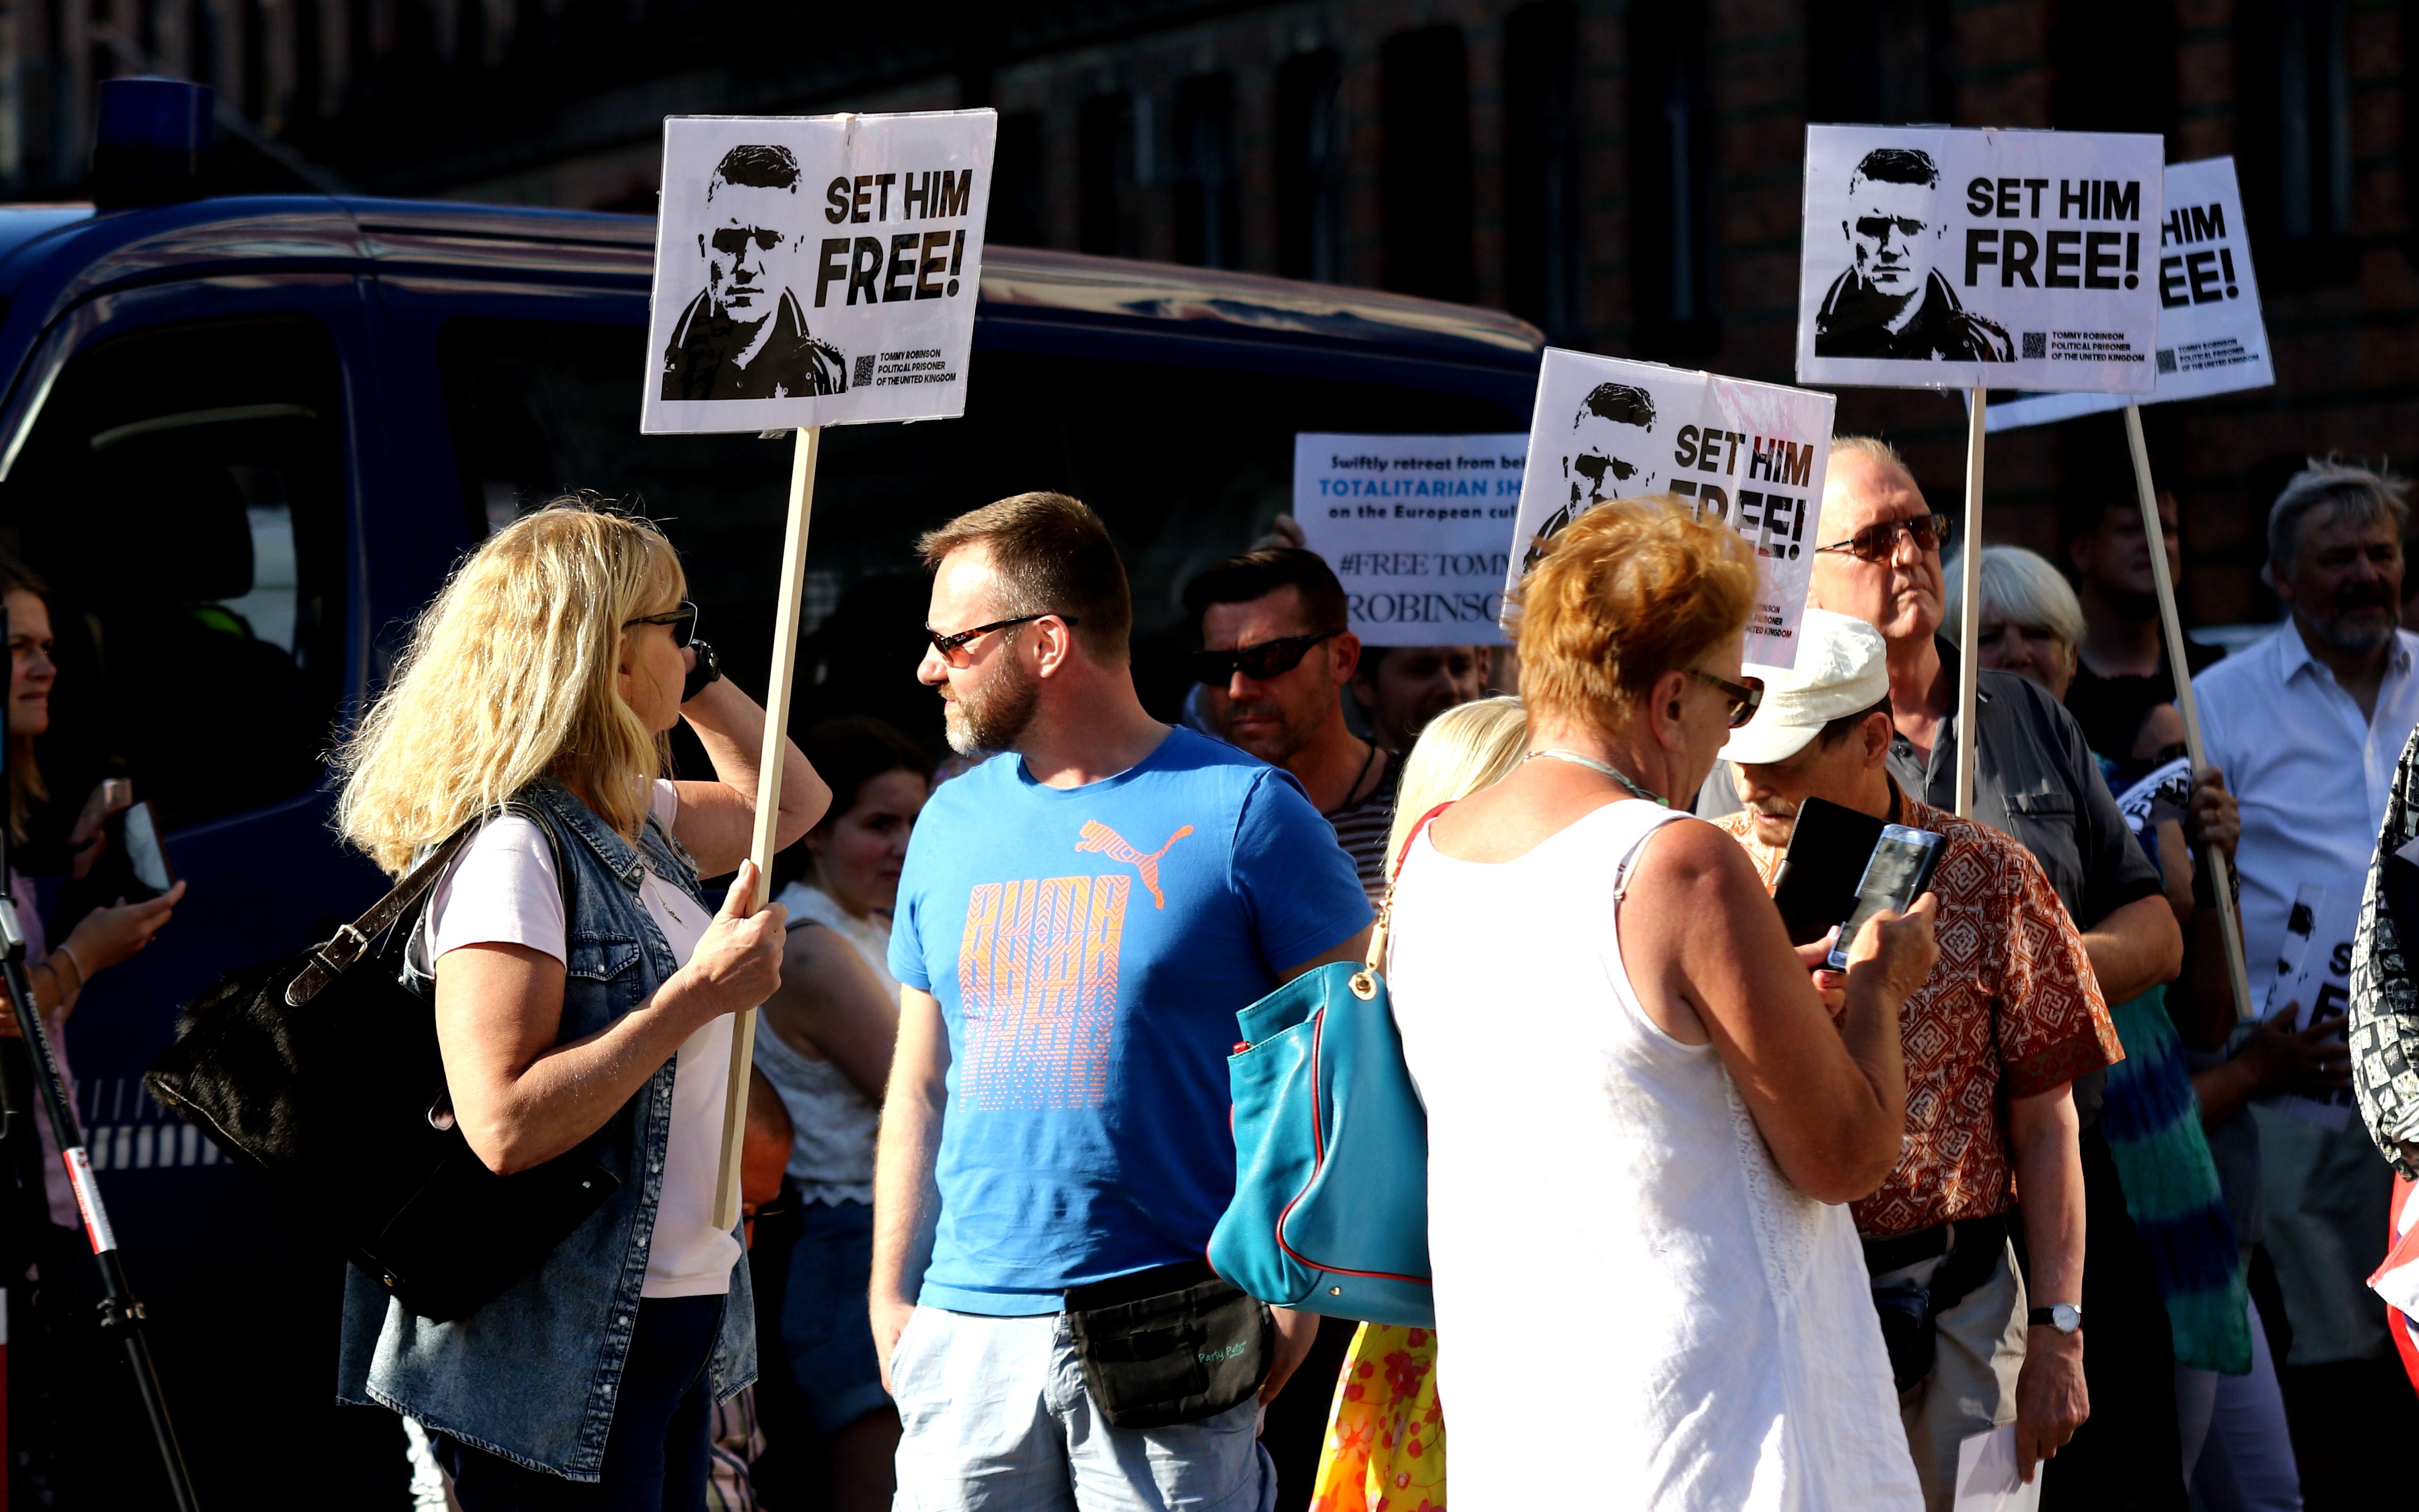 Ketil Wathne-Rasmussen ses her i blå t-shirt, ved en demonstration for løsladelse af den britiske højreraidkale aktivist Tommy Robinson i maj 2018. Overfor ham i hvid t-shirt og denimvest ses Ingrid Carlqvist. Foto: Redox.